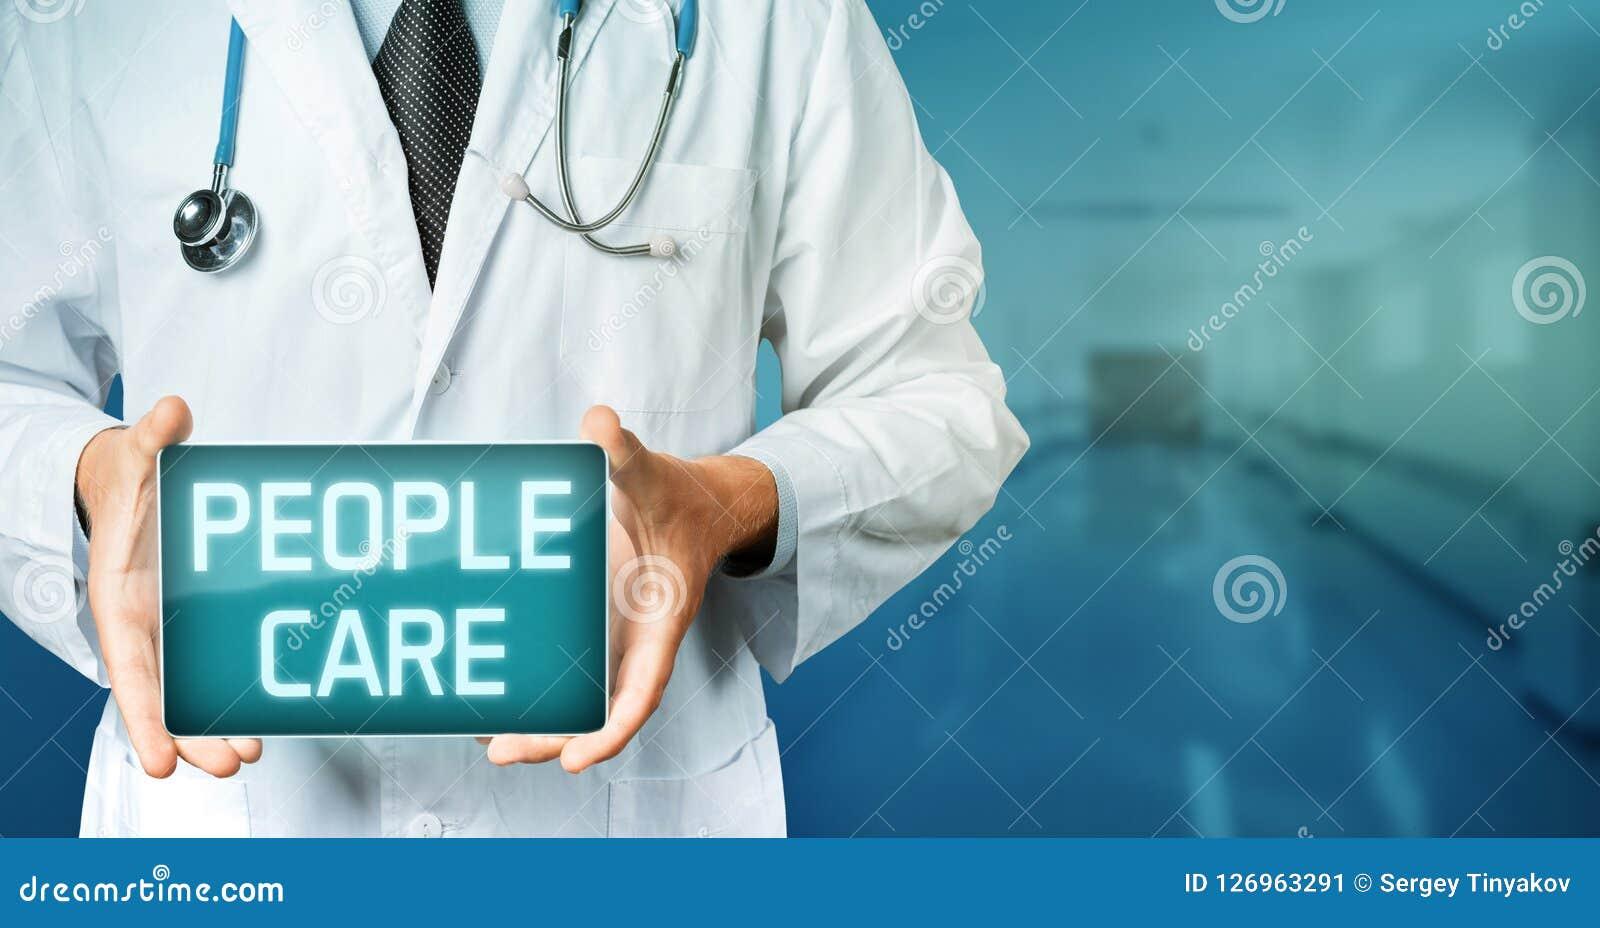 Tecnologia global no conceito da medicina Tabuleta do doutor Holding Blank Digital com texto do cuidado dos povos